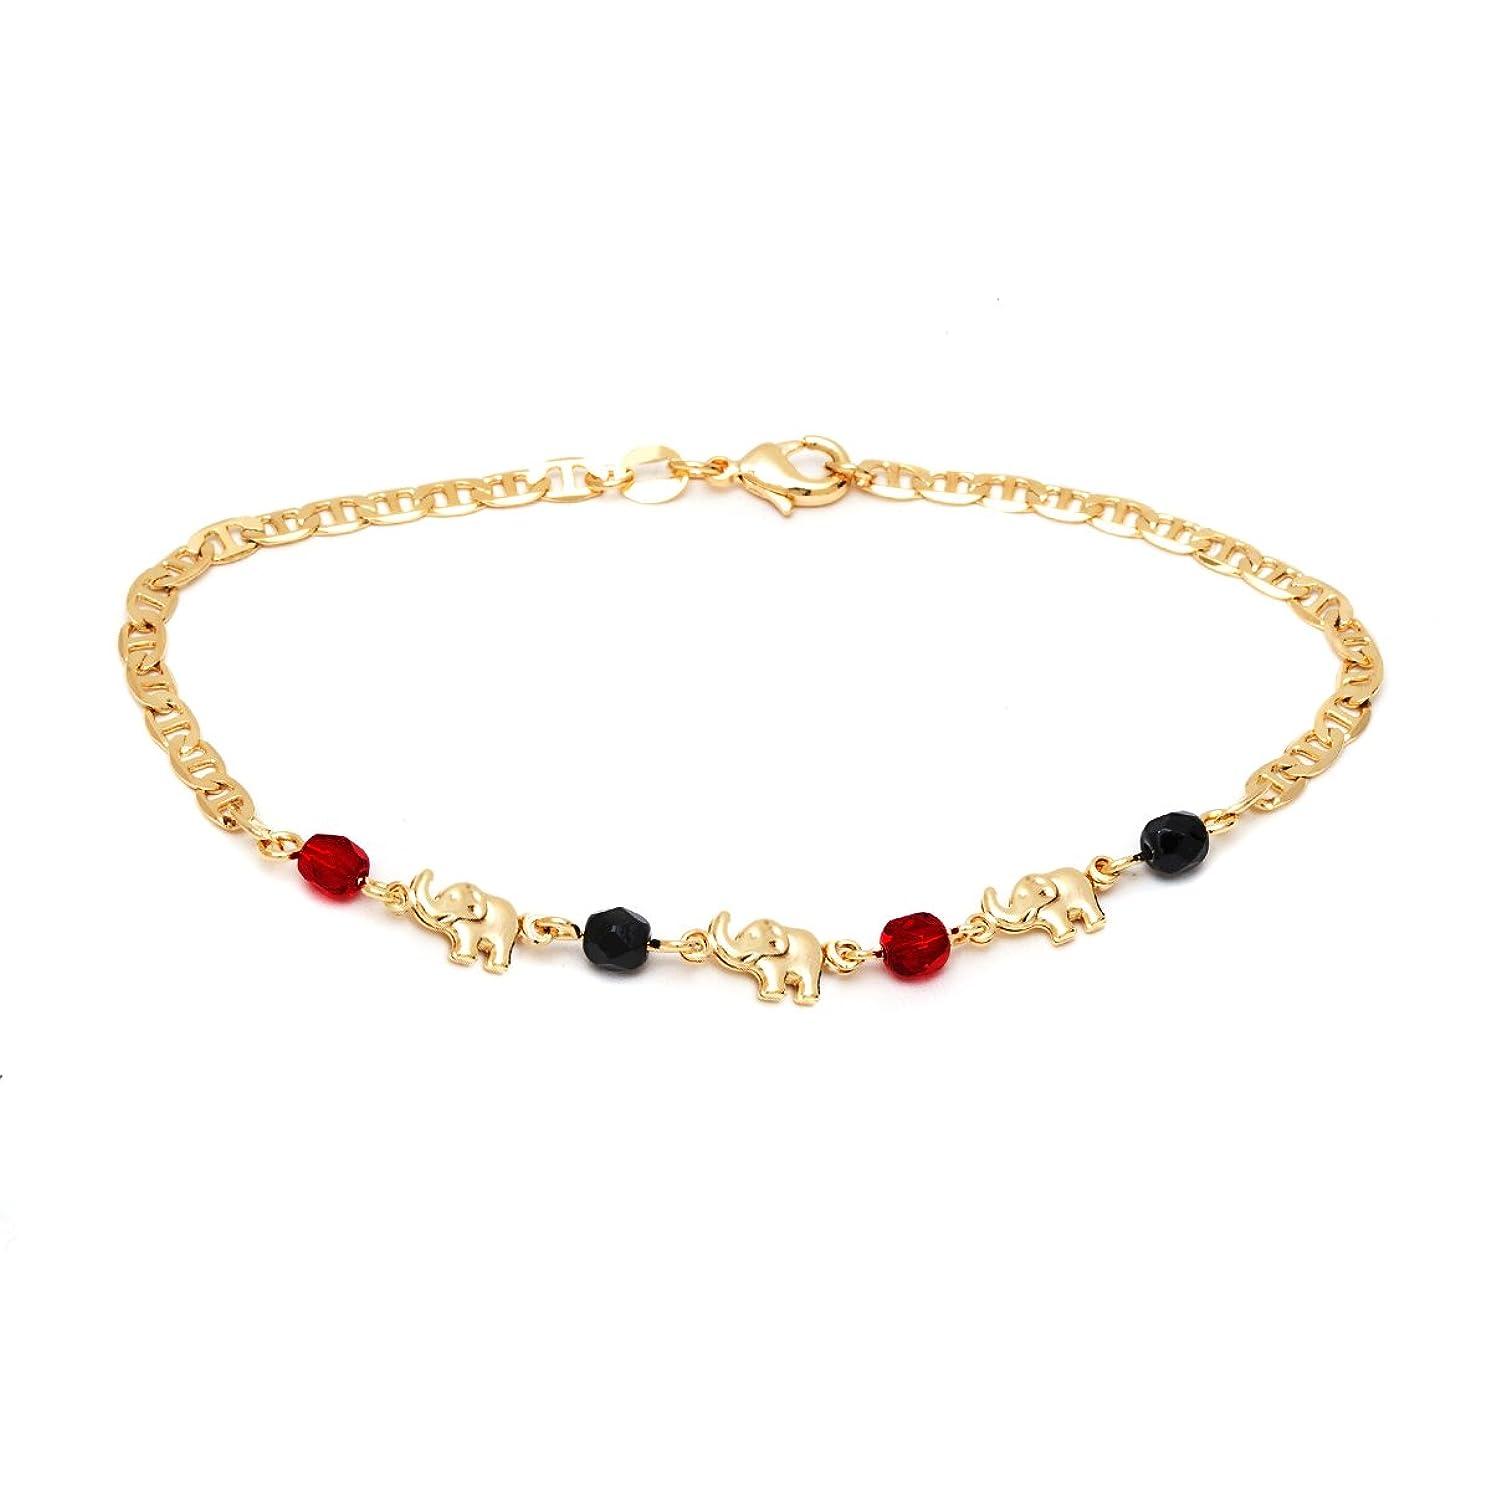 Barzel 18K Gold Plated Mariner Link Red & Black Elephant Anklet